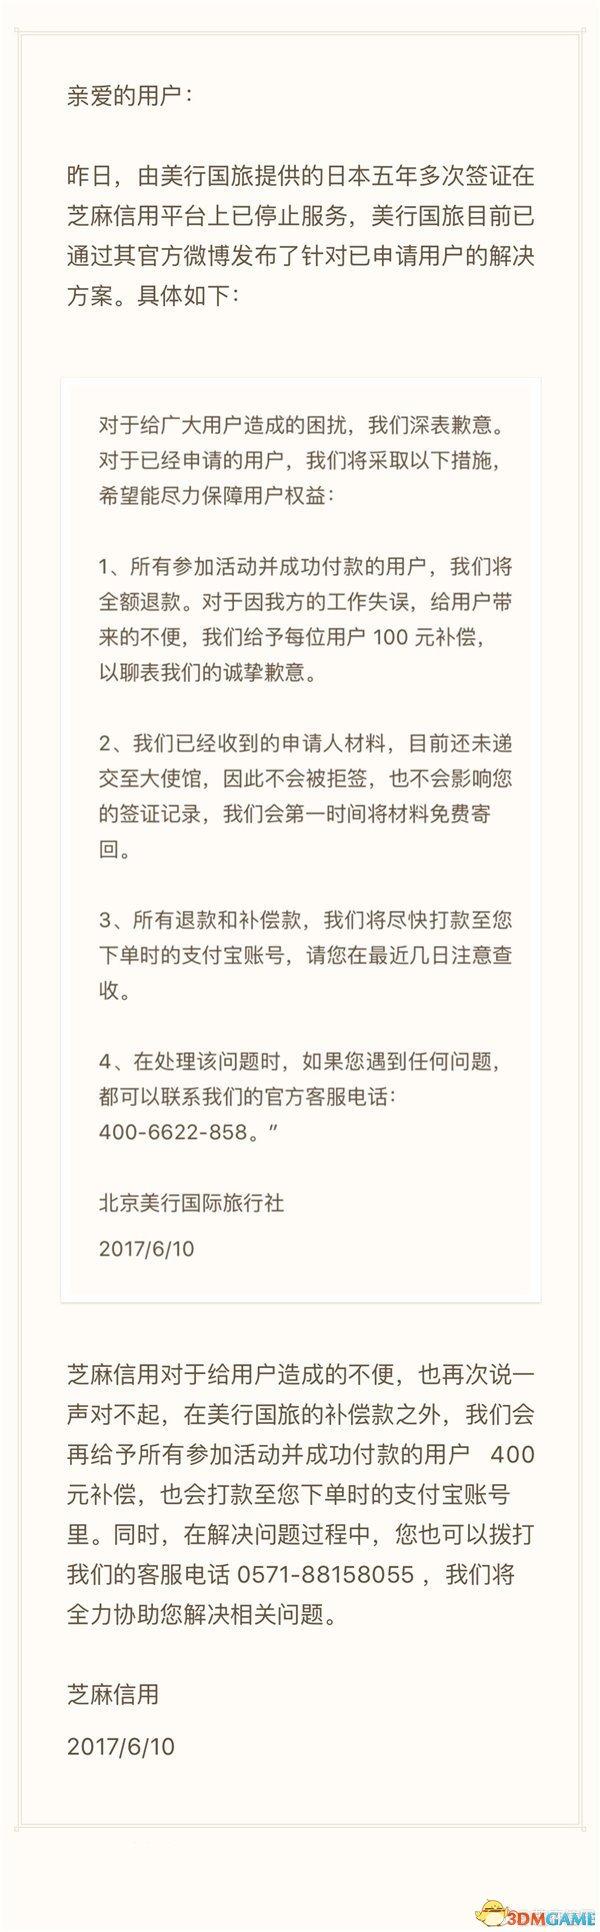 芝麻信用700分可办日本5年签证系乌龙 官方补偿